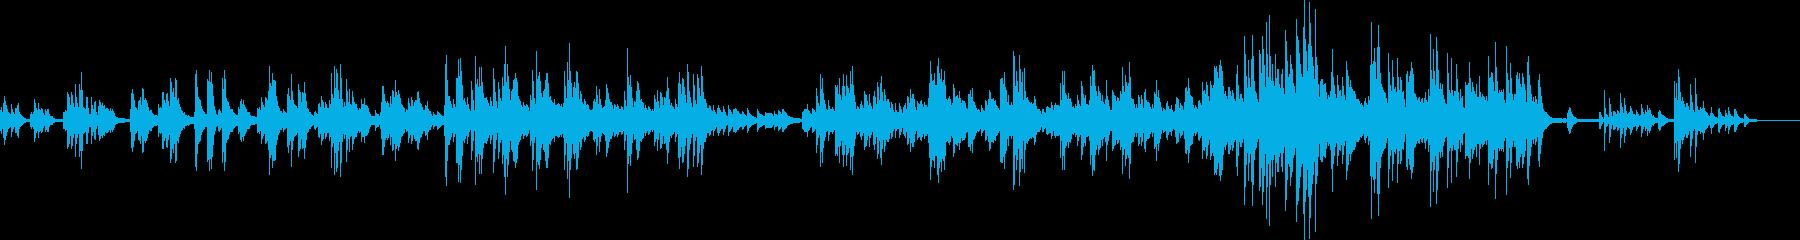 悲しい運命(ピアノ・バラード・悲劇的)の再生済みの波形